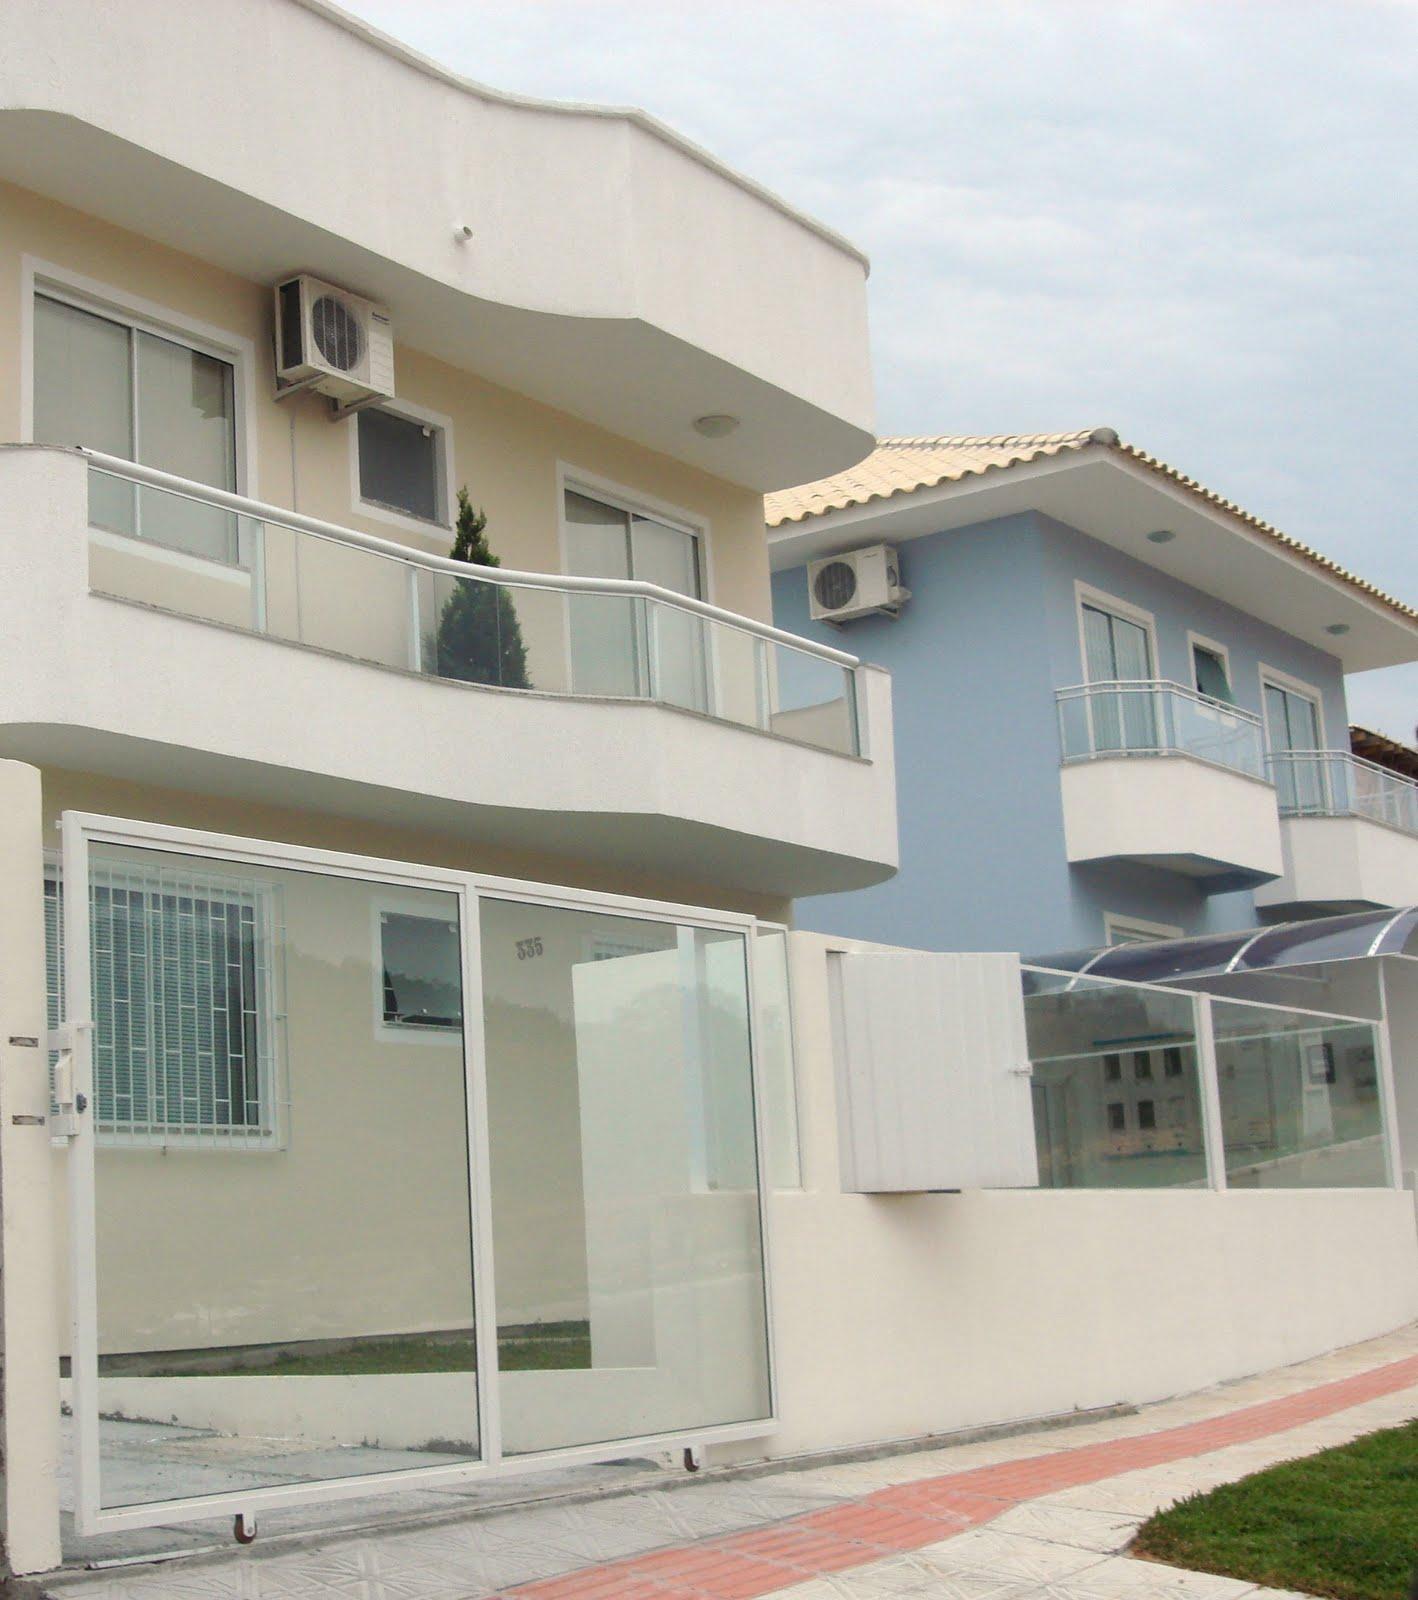 Muros com vidros jeito de casa blog de decora o for Aberturas para casas modernas